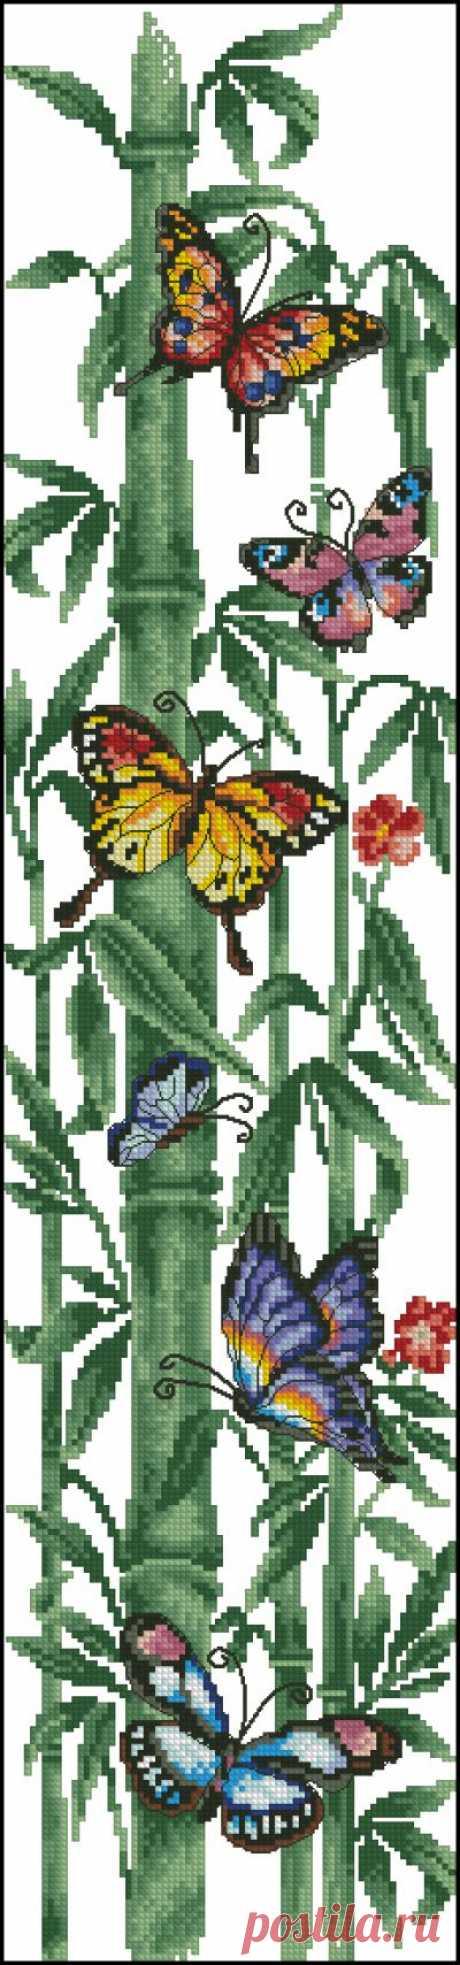 Бамбук и бабочки. Для профессионалов и самых упорных искустниц.Вышивка крестом.